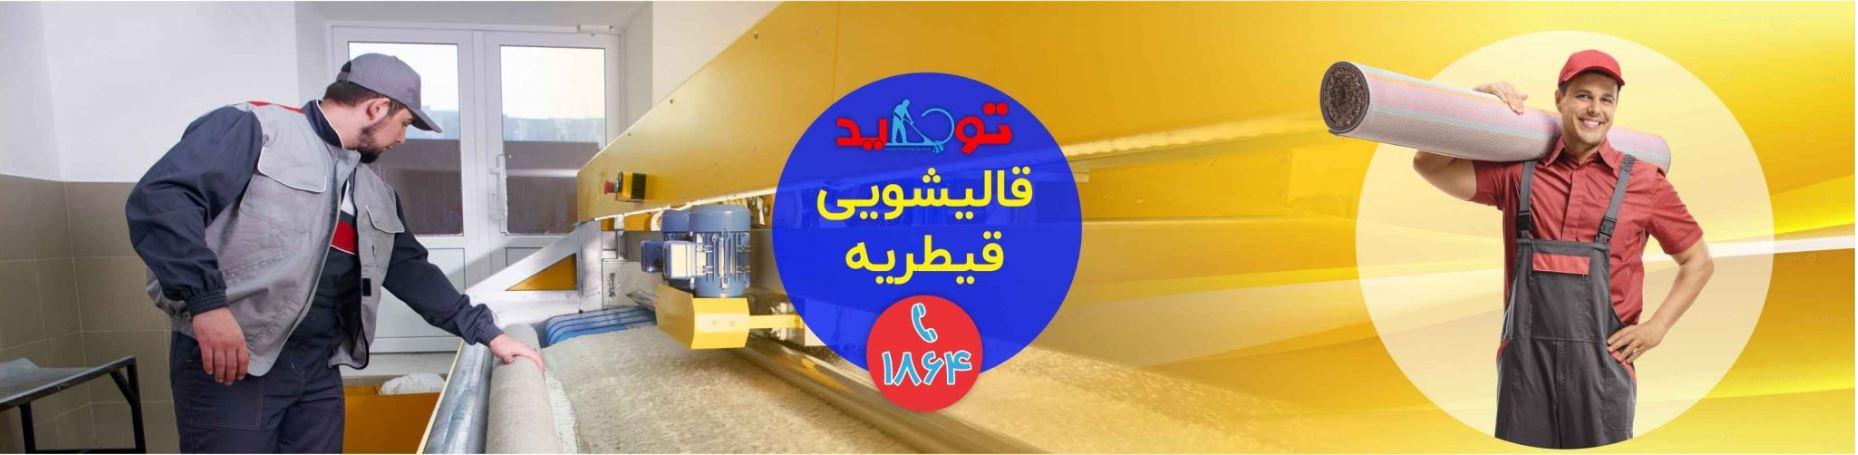 قالیشویی قیطریه،قالیشویی در قیطریه،قالیشویی نزدیک به قیطریه،قالیشویی خوب قیطریه